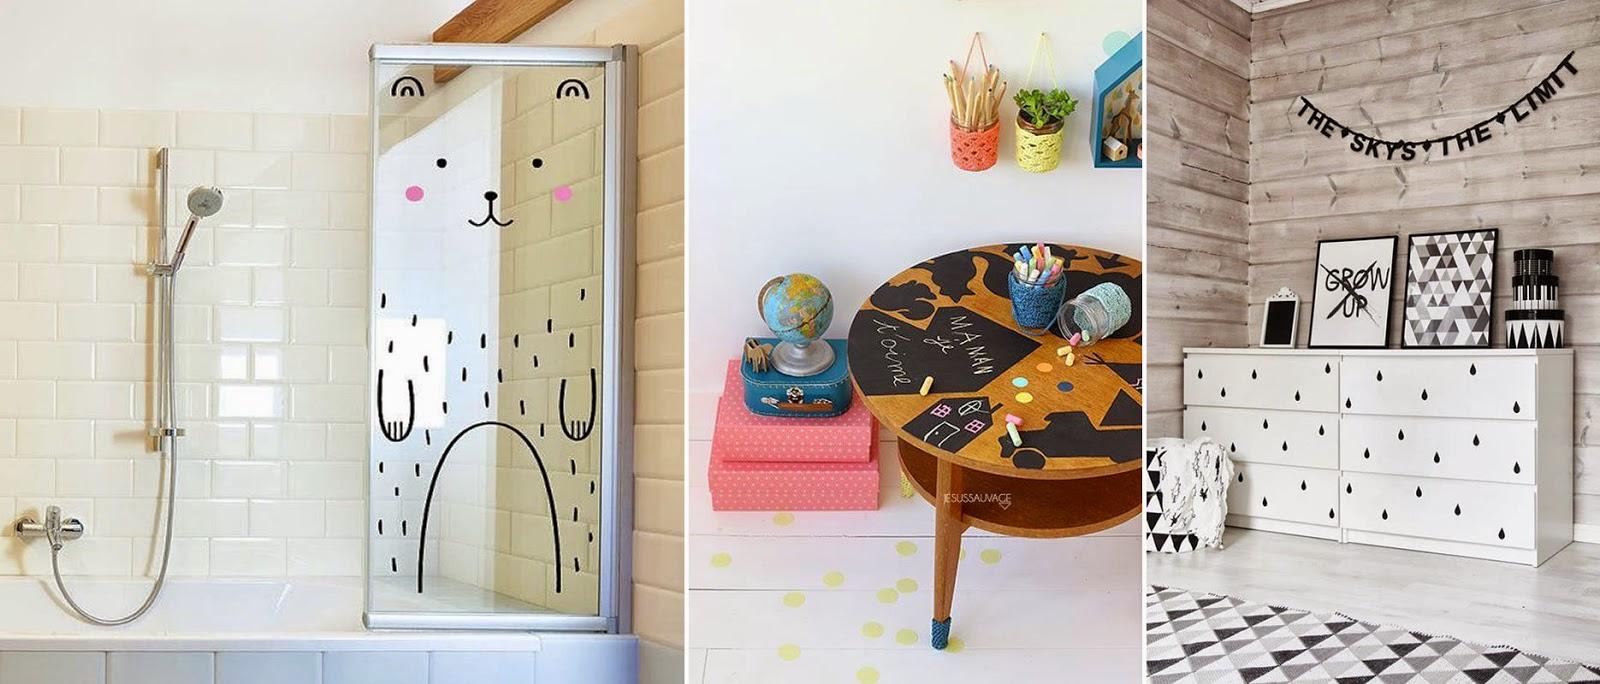 9 ideas para intervenir muebles infantiles m s chicos for Pegatinas infantiles para muebles